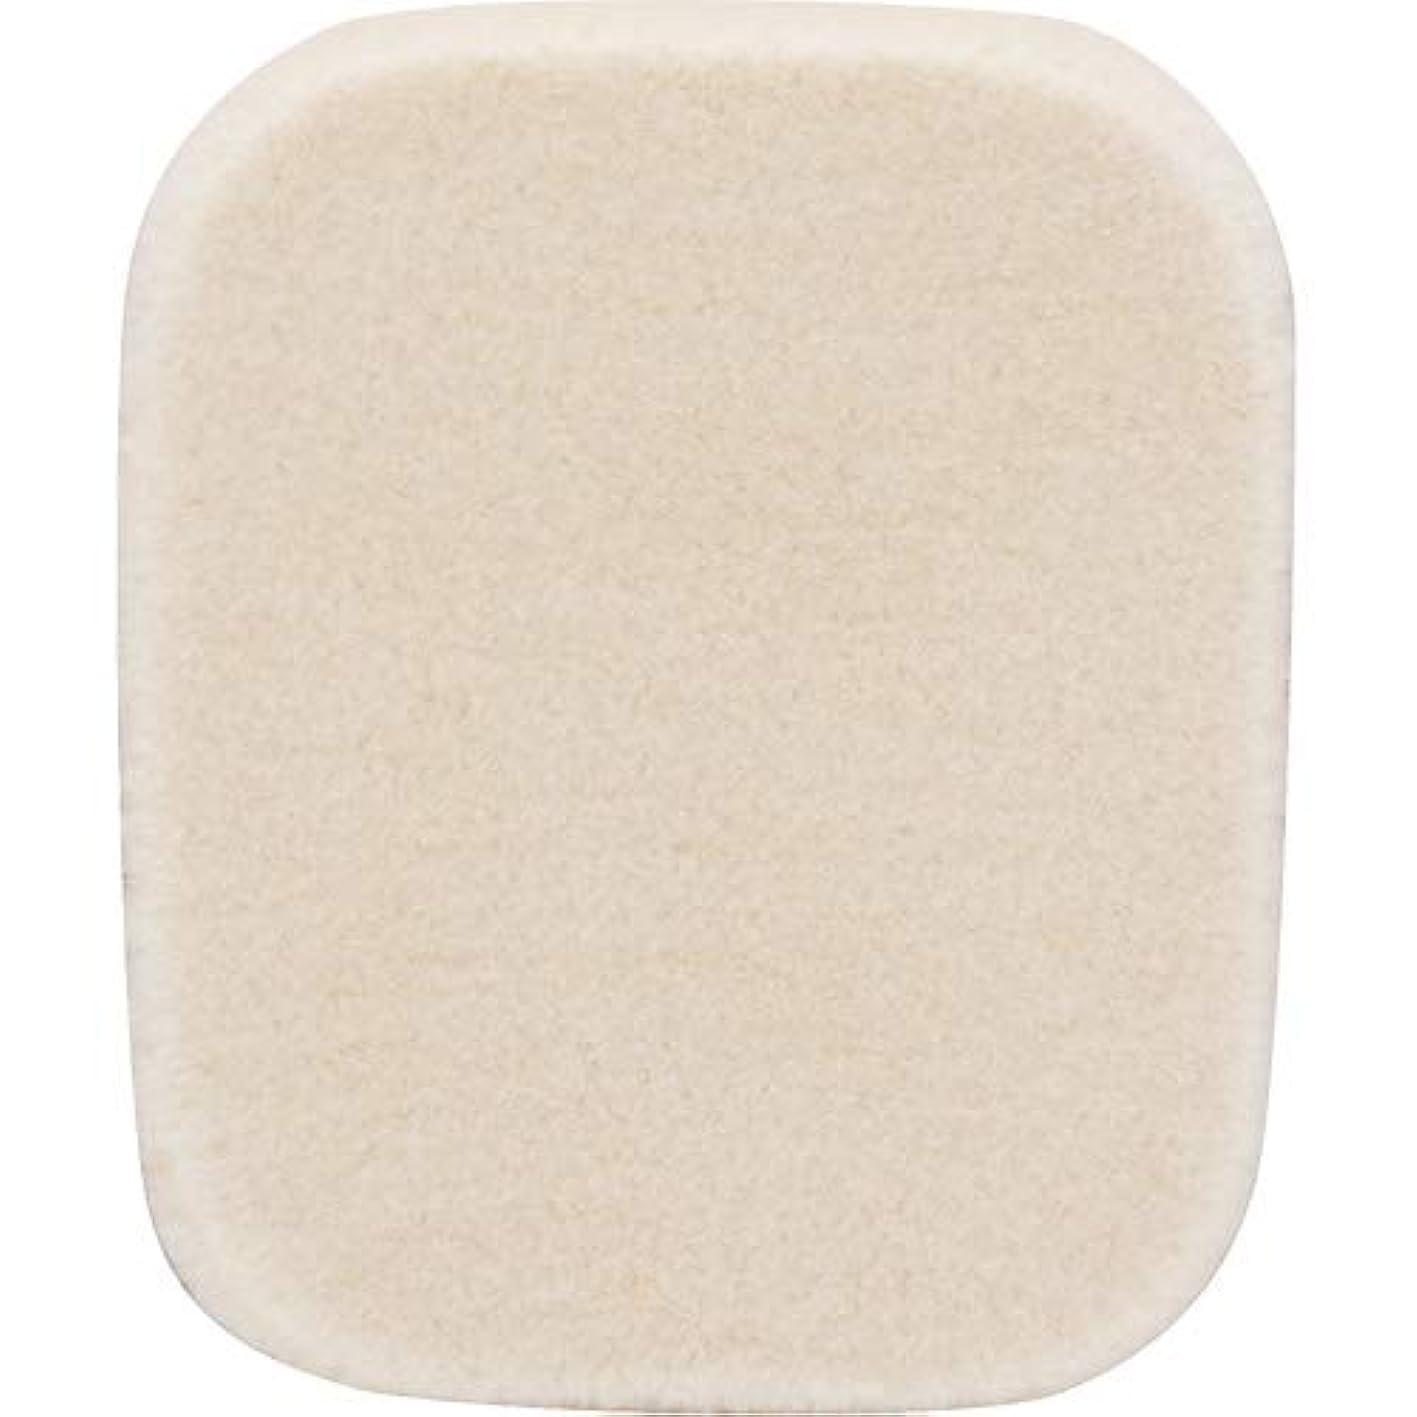 絶壁探検枕ETVOS(エトヴォス) シフォンパフ 直径5.3cm メイク用スポンジパフ タイムレスフォギー(シマー)用